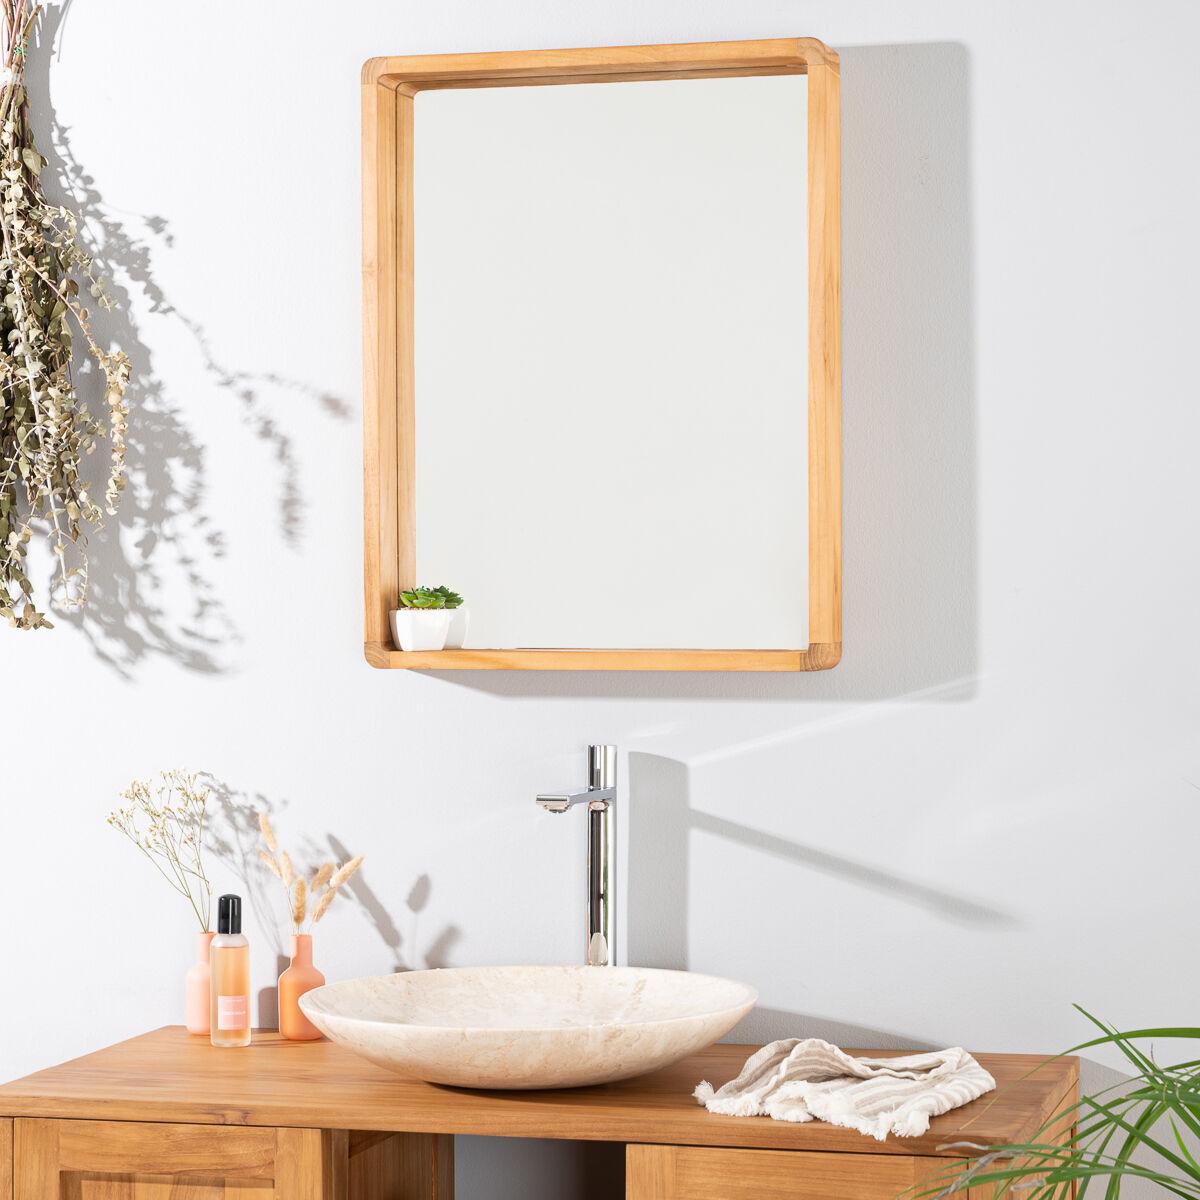 Wanda Collection Miroir salle de bain en teck Samba 50 X 65 cm